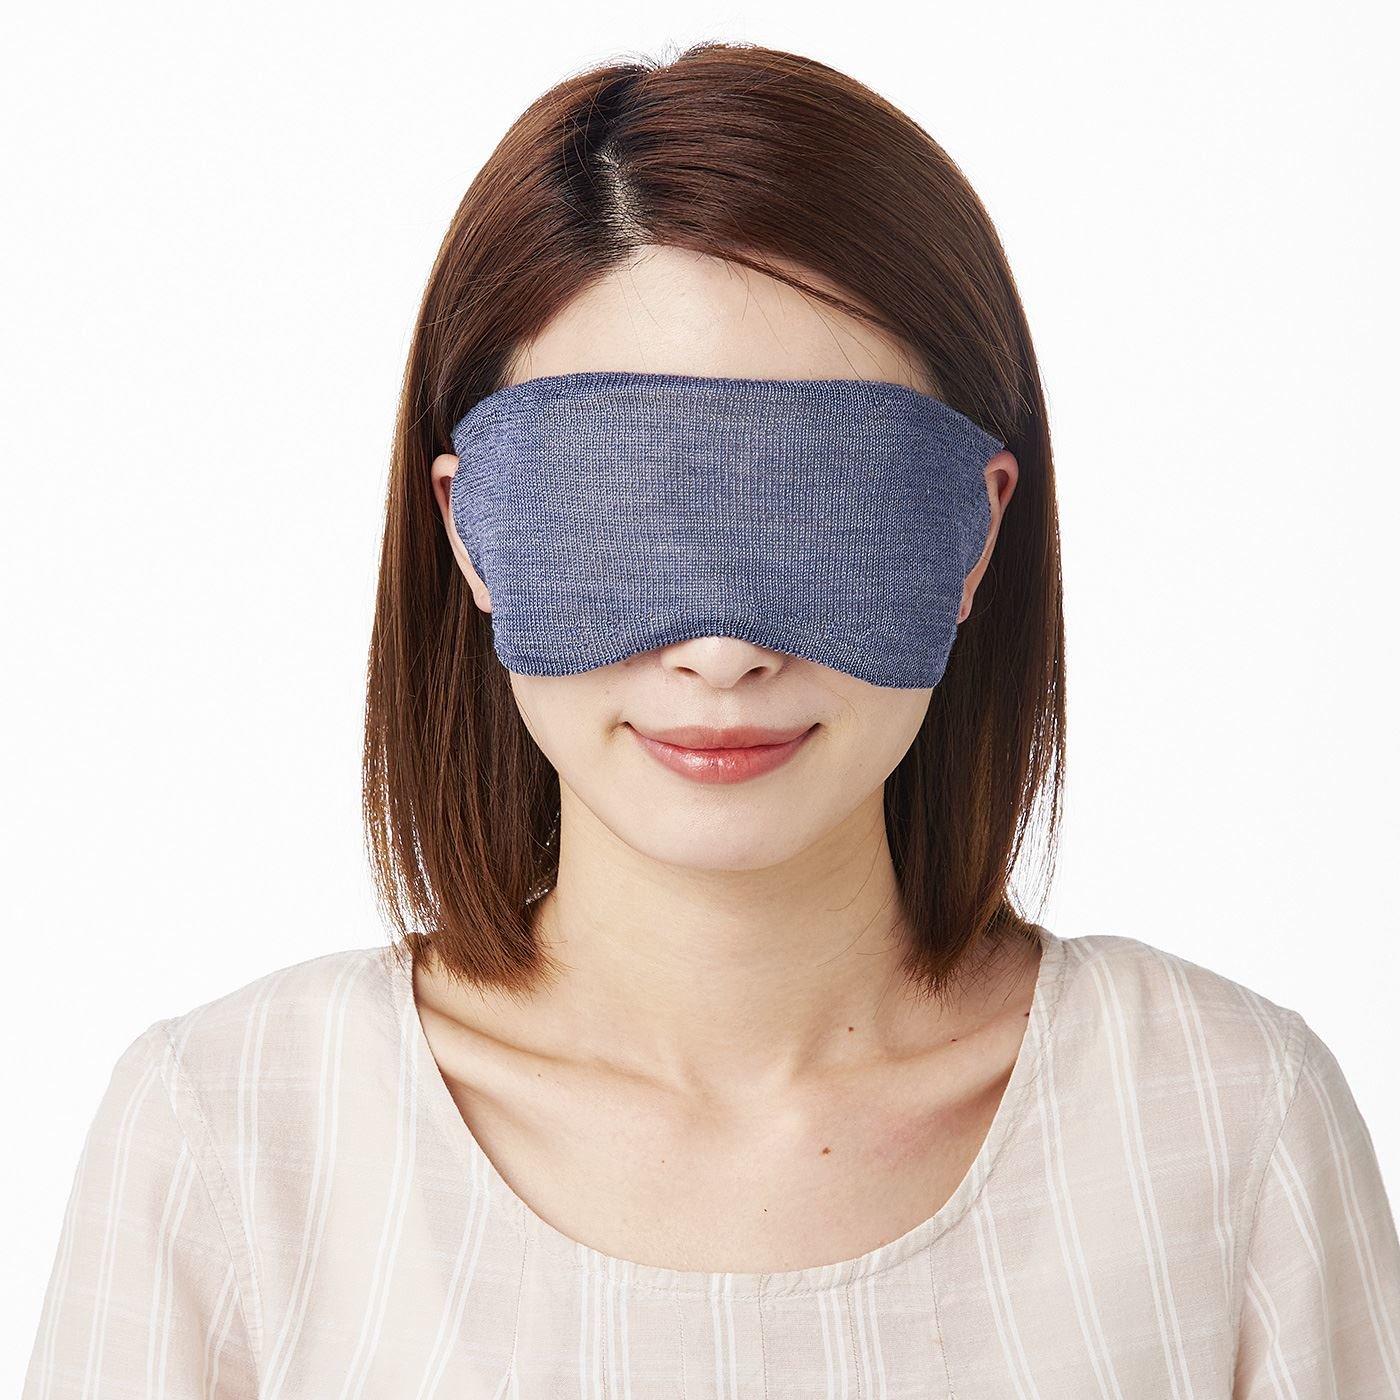 こだわり絹の積層仕立て ホールガーメント(R) あたためアイマスクの会